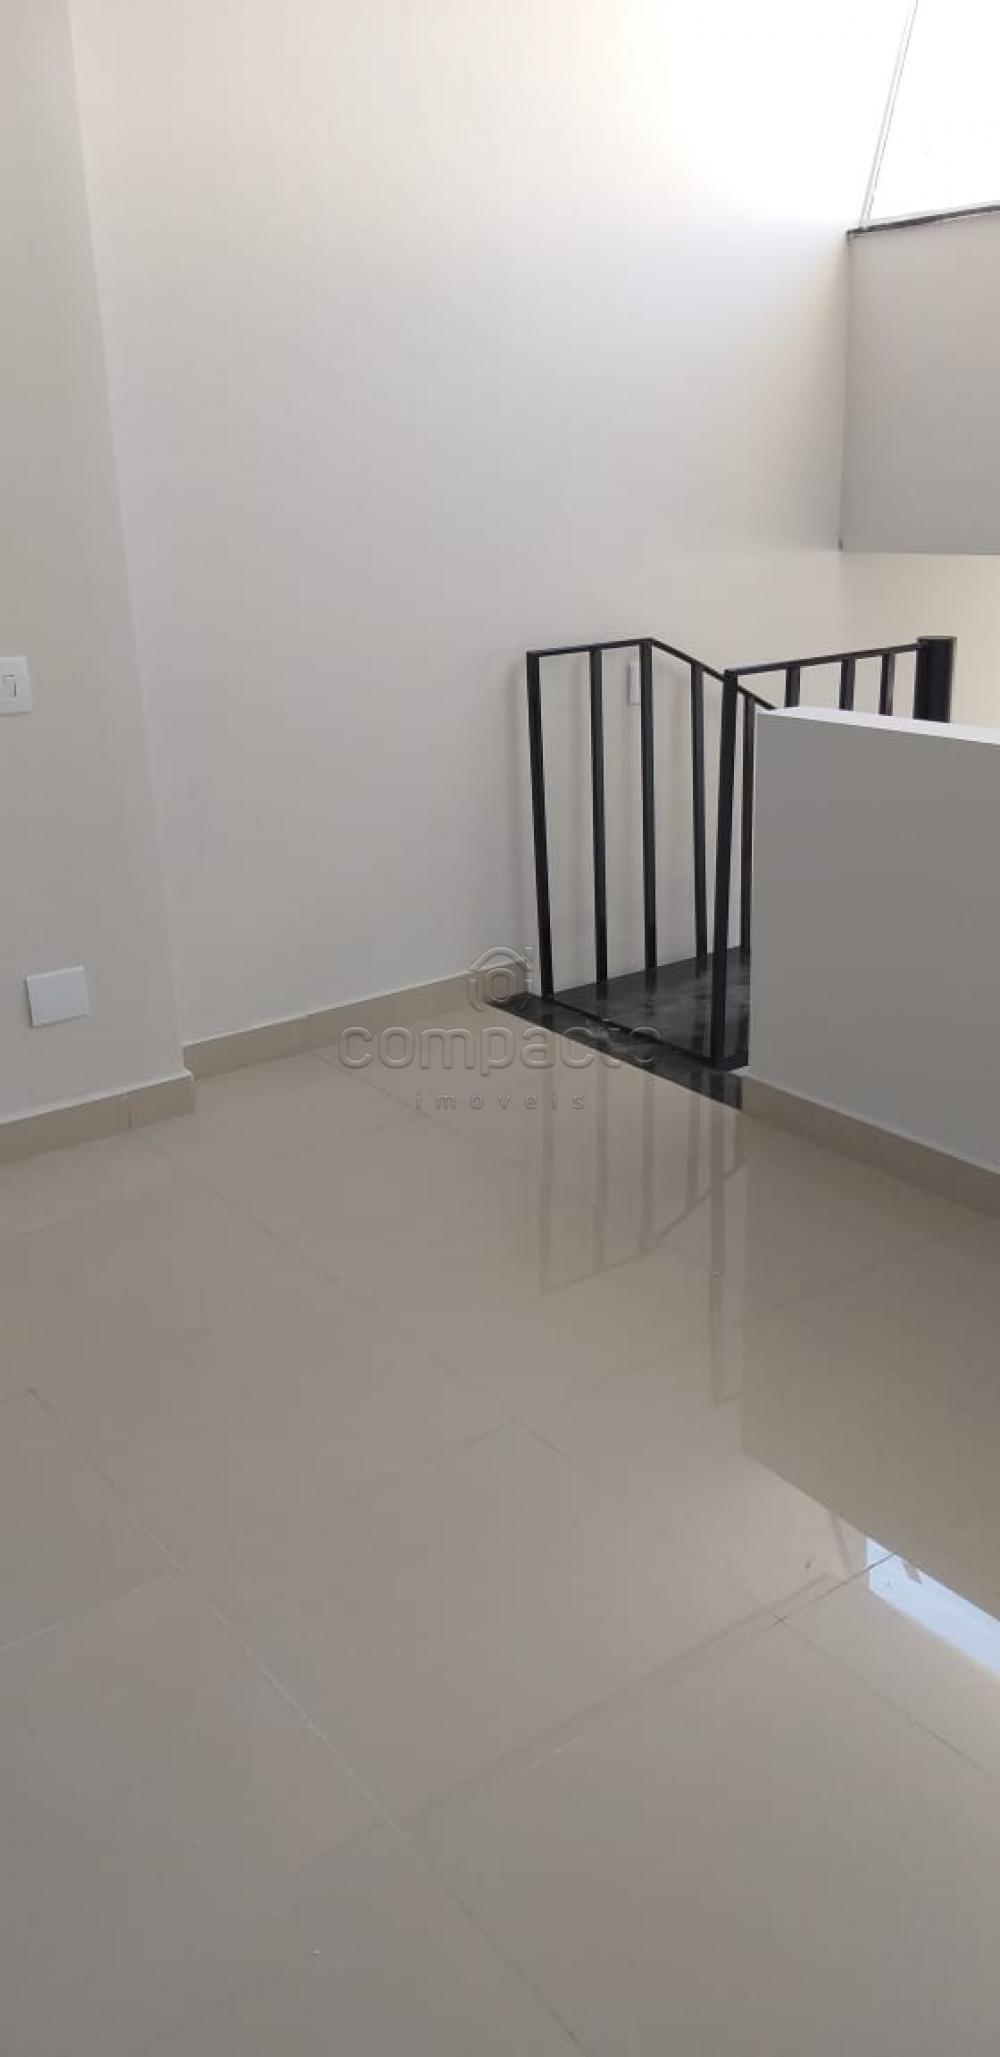 Alugar Comercial / Loja/Sala em São José do Rio Preto apenas R$ 1.200,00 - Foto 8